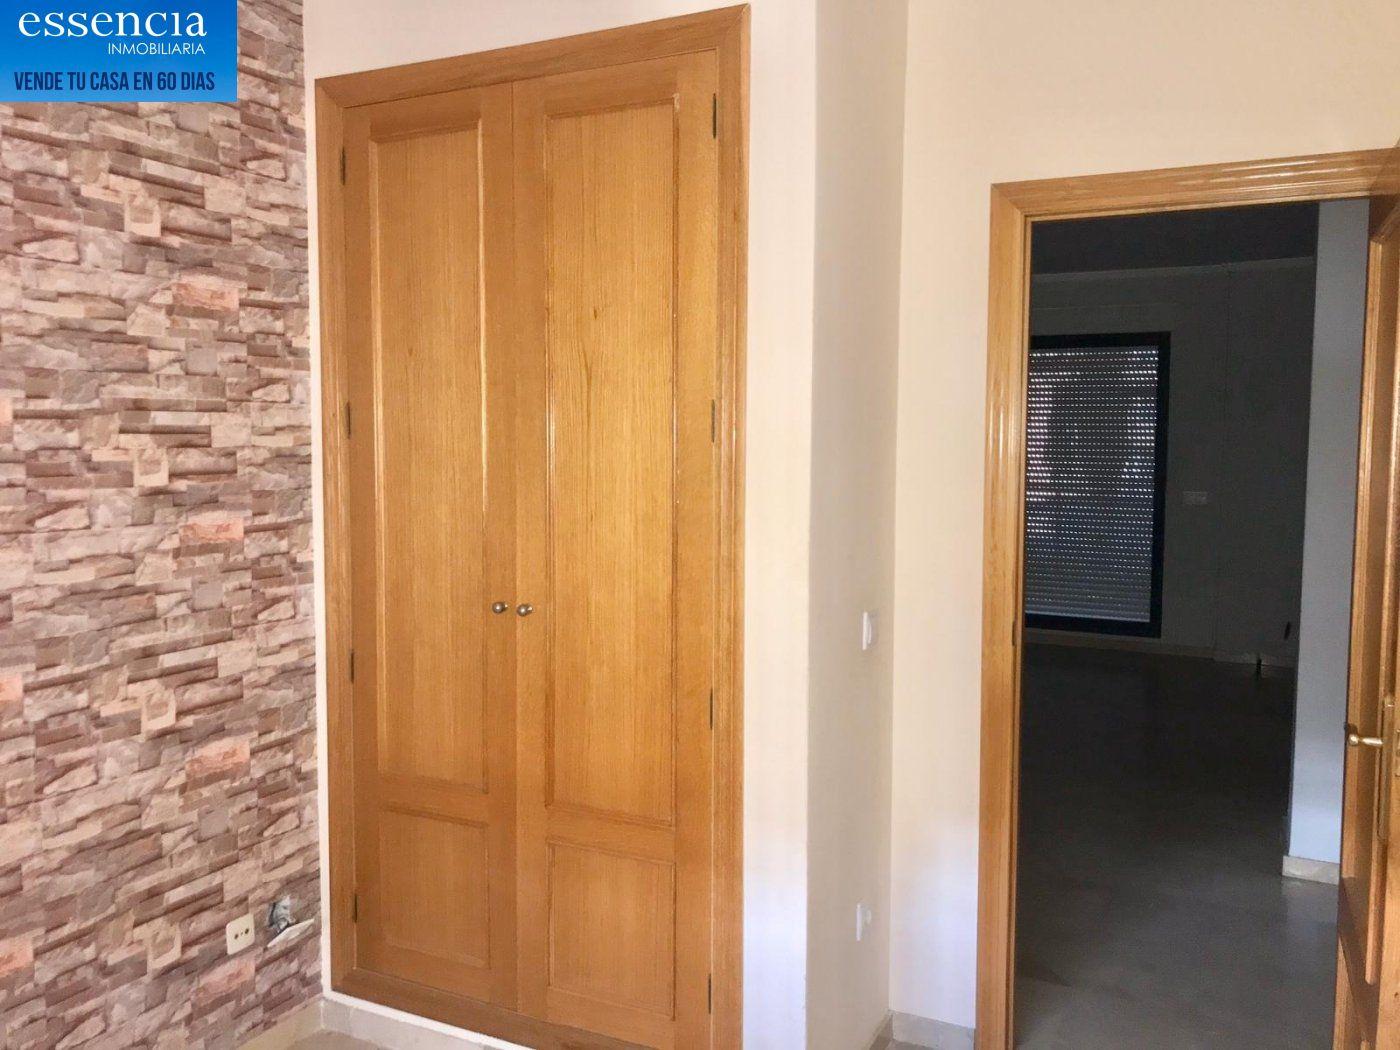 Apartamento de 2 dormitorios y 2 baños con salón con balcón. - imagenInmueble11